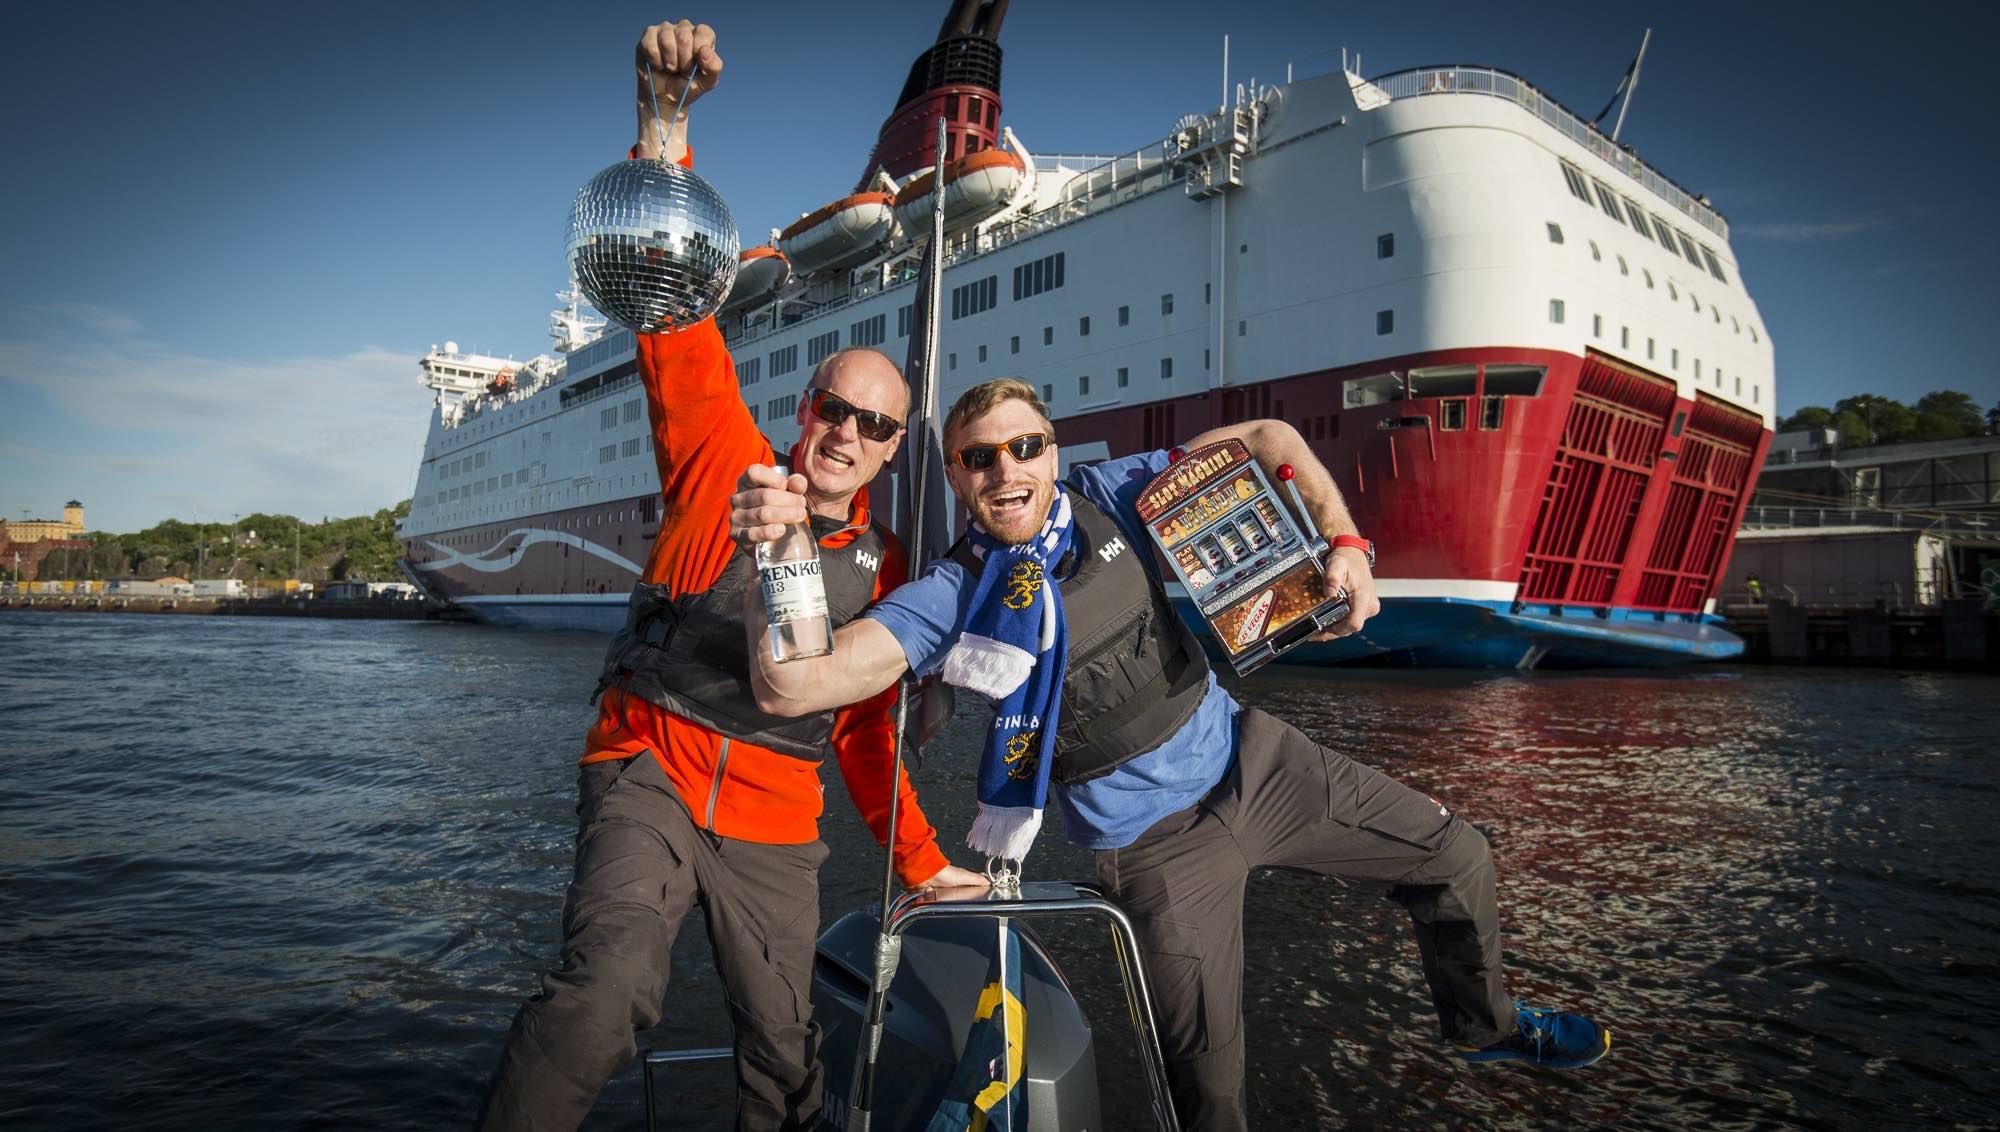 Reportage_2015_Upptacktsresan_-_till_finland_med_finlandsbat_150605_-_Startinslag__DDD4567_Fb